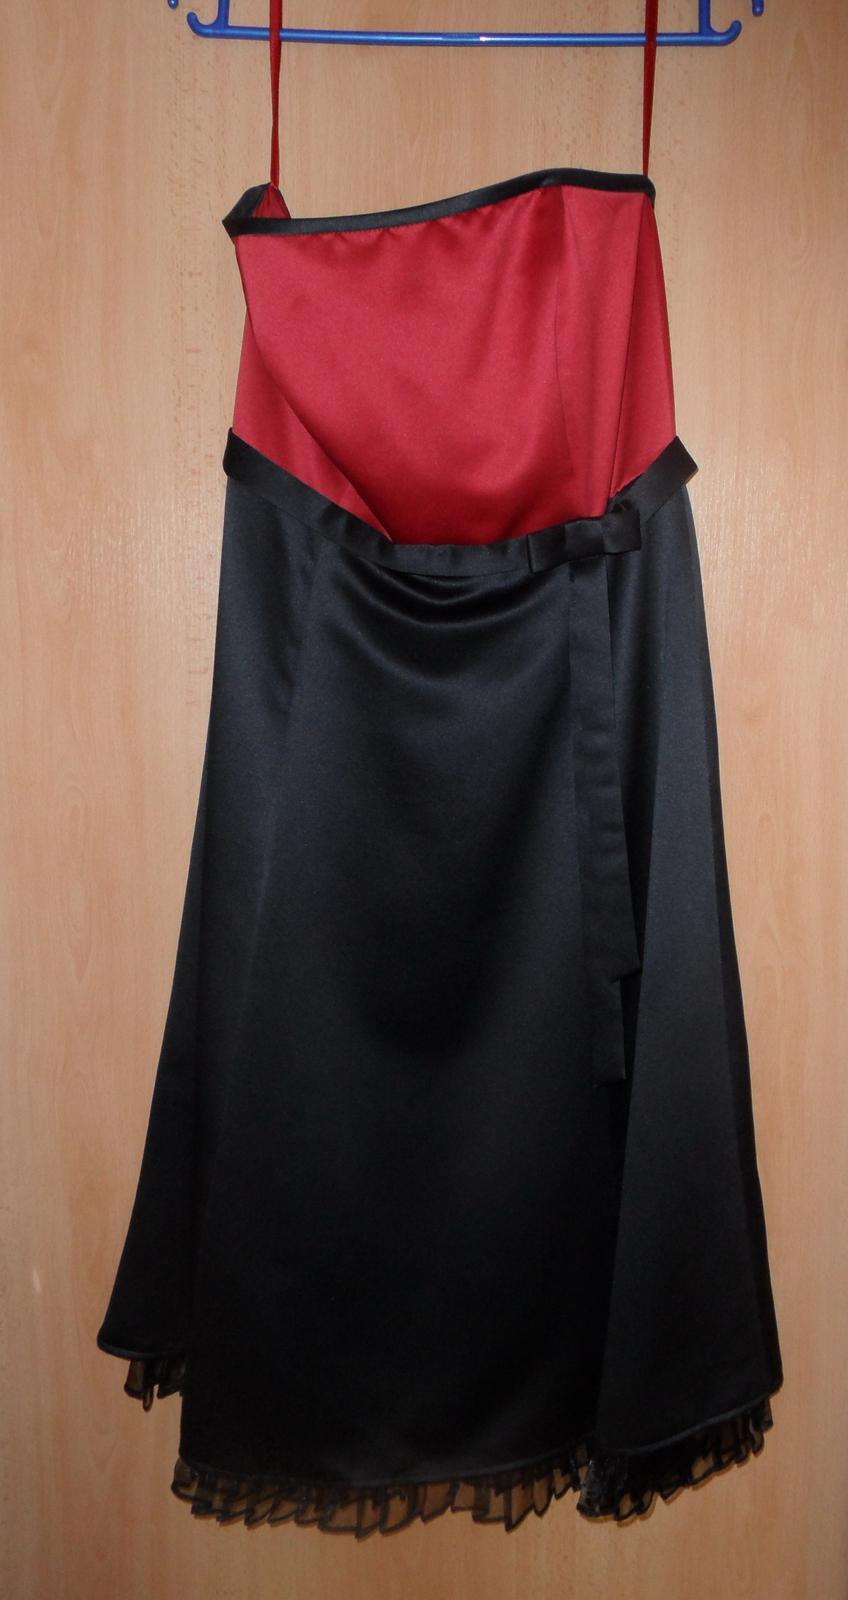 bezramienkové spoločenské šaty - Obrázok č. 1